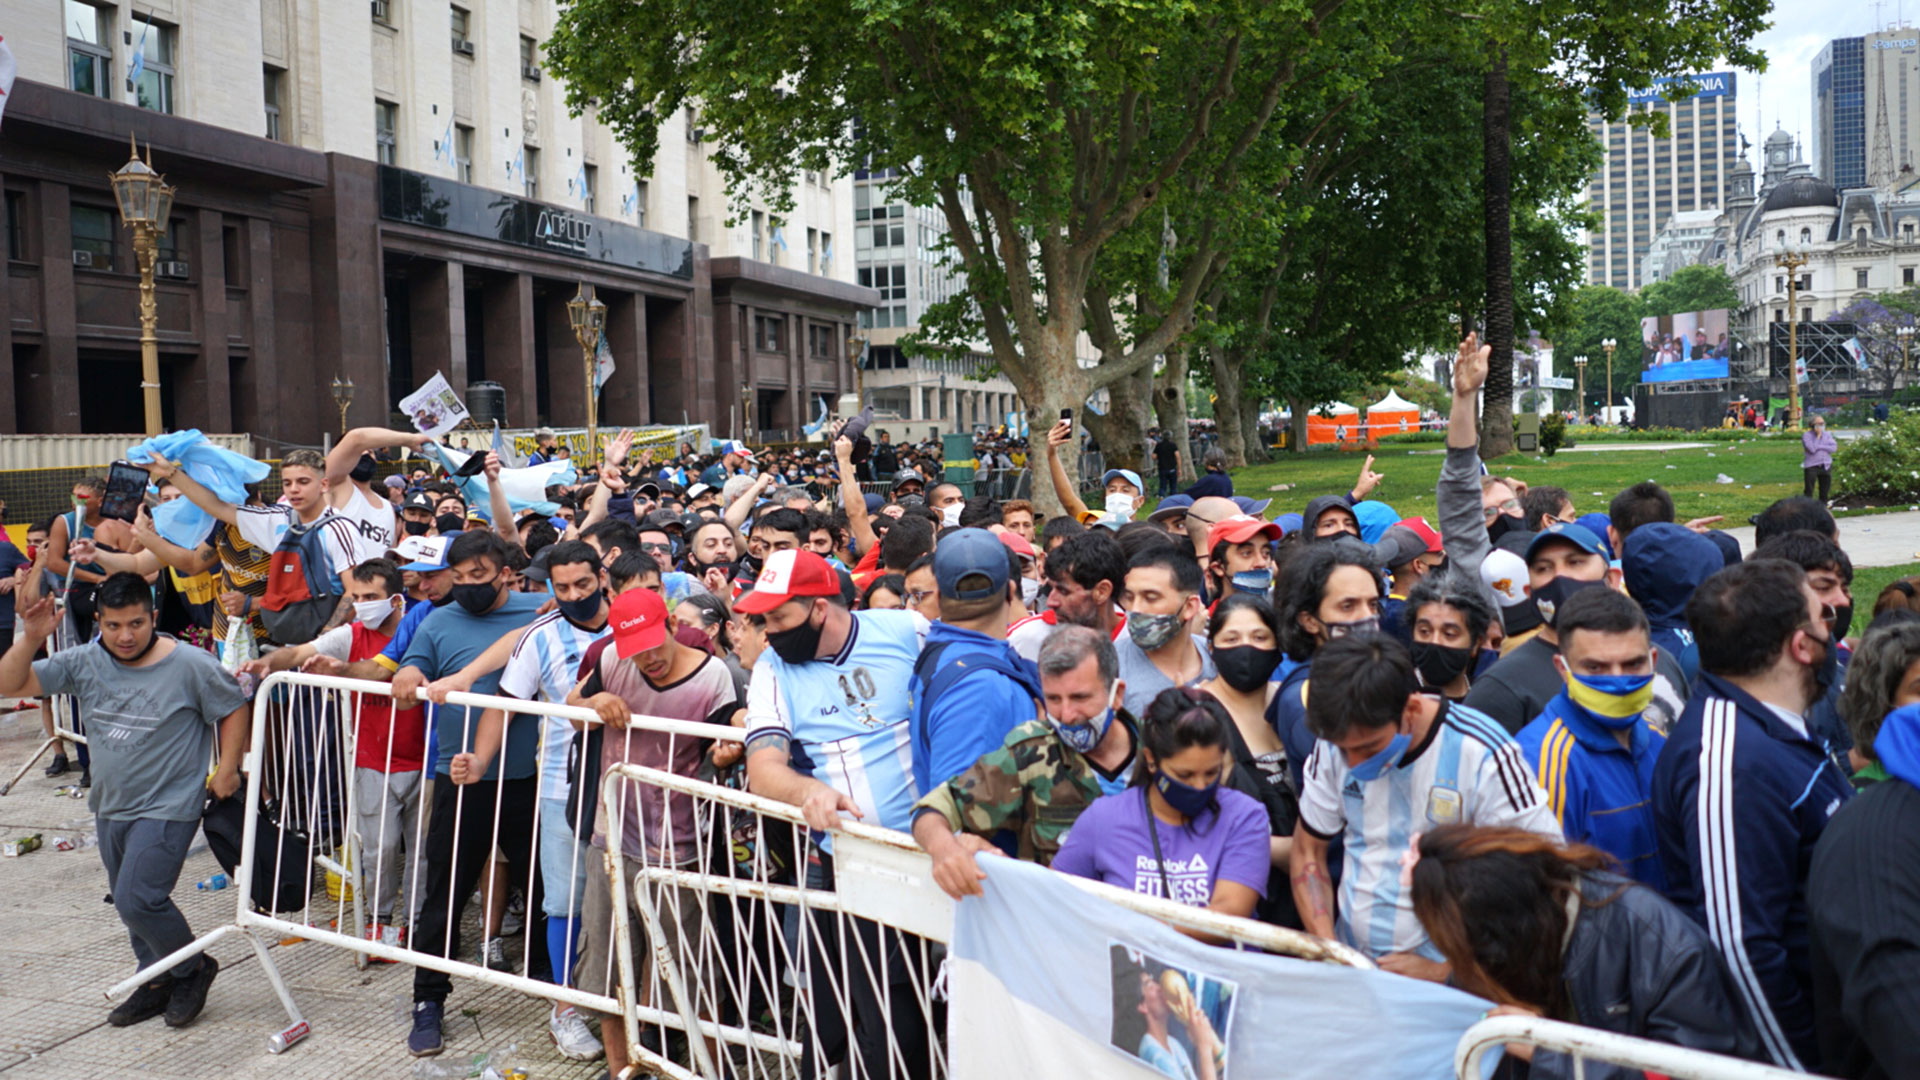 Además de las miles de personas, los familiares, amigos y varios integrantes destacados del fútbol argentino pudieron despedir a Maradona en una ceremonia íntima